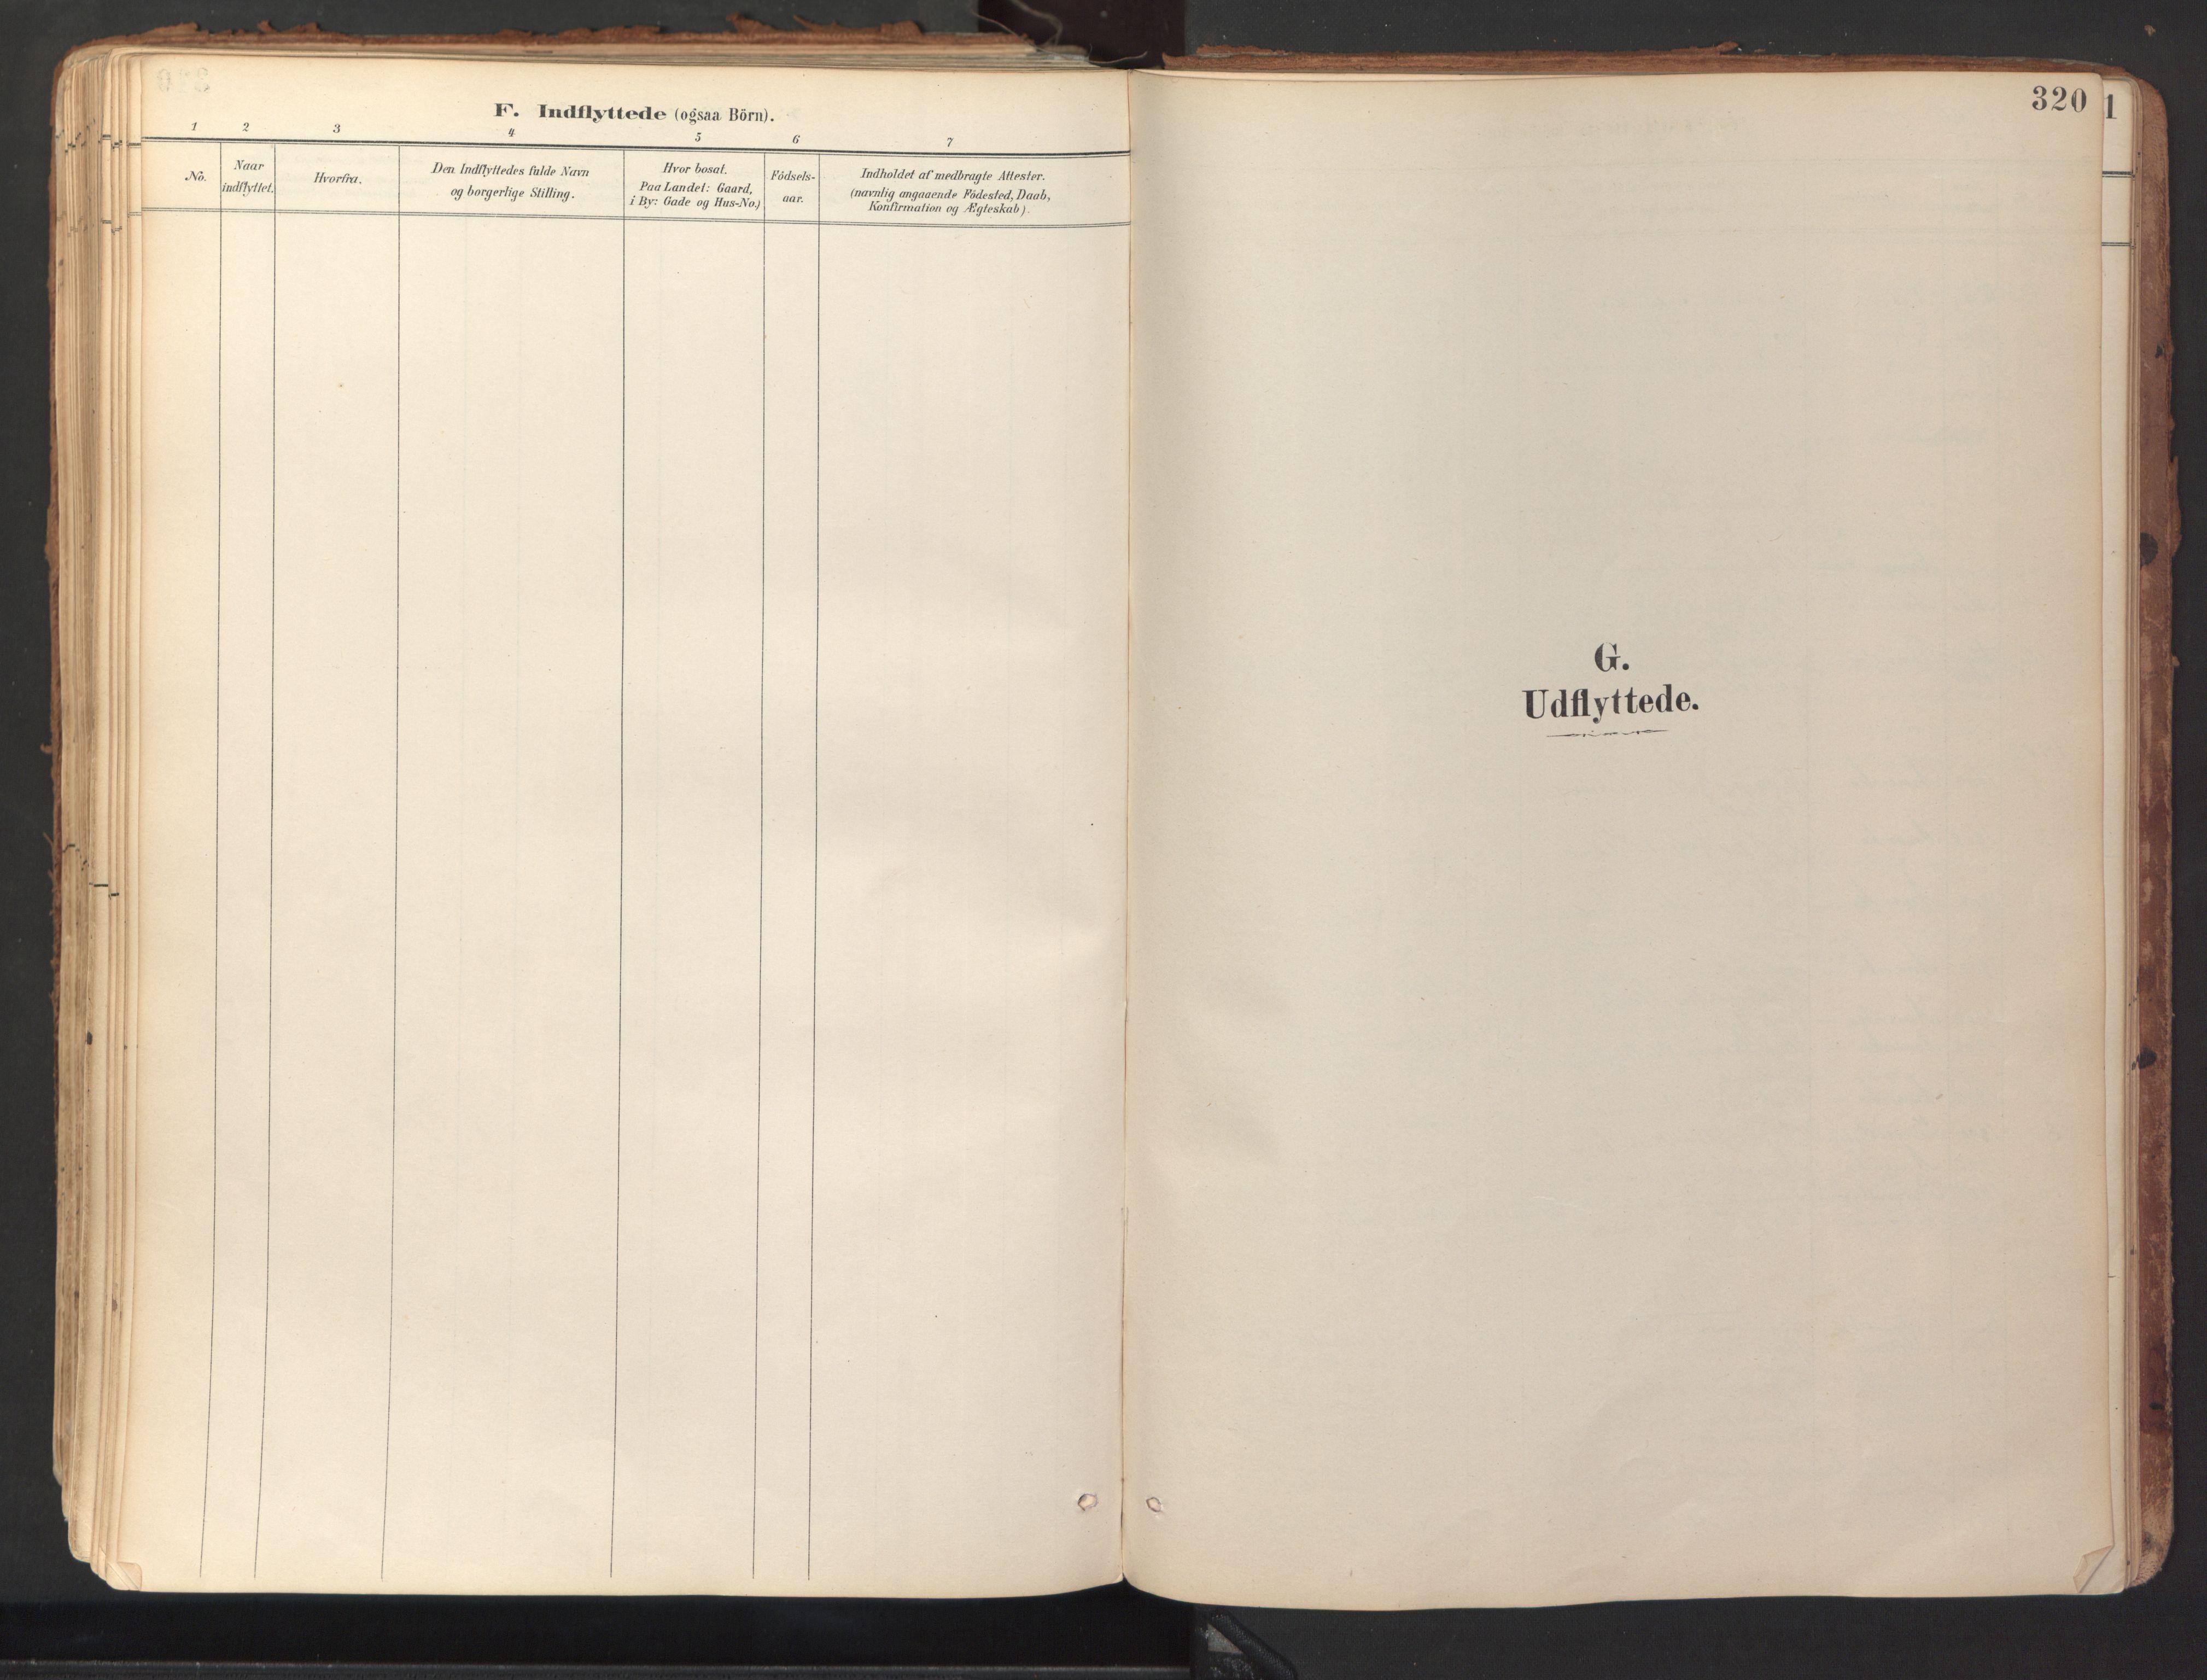 SAT, Ministerialprotokoller, klokkerbøker og fødselsregistre - Sør-Trøndelag, 689/L1041: Ministerialbok nr. 689A06, 1891-1923, s. 320